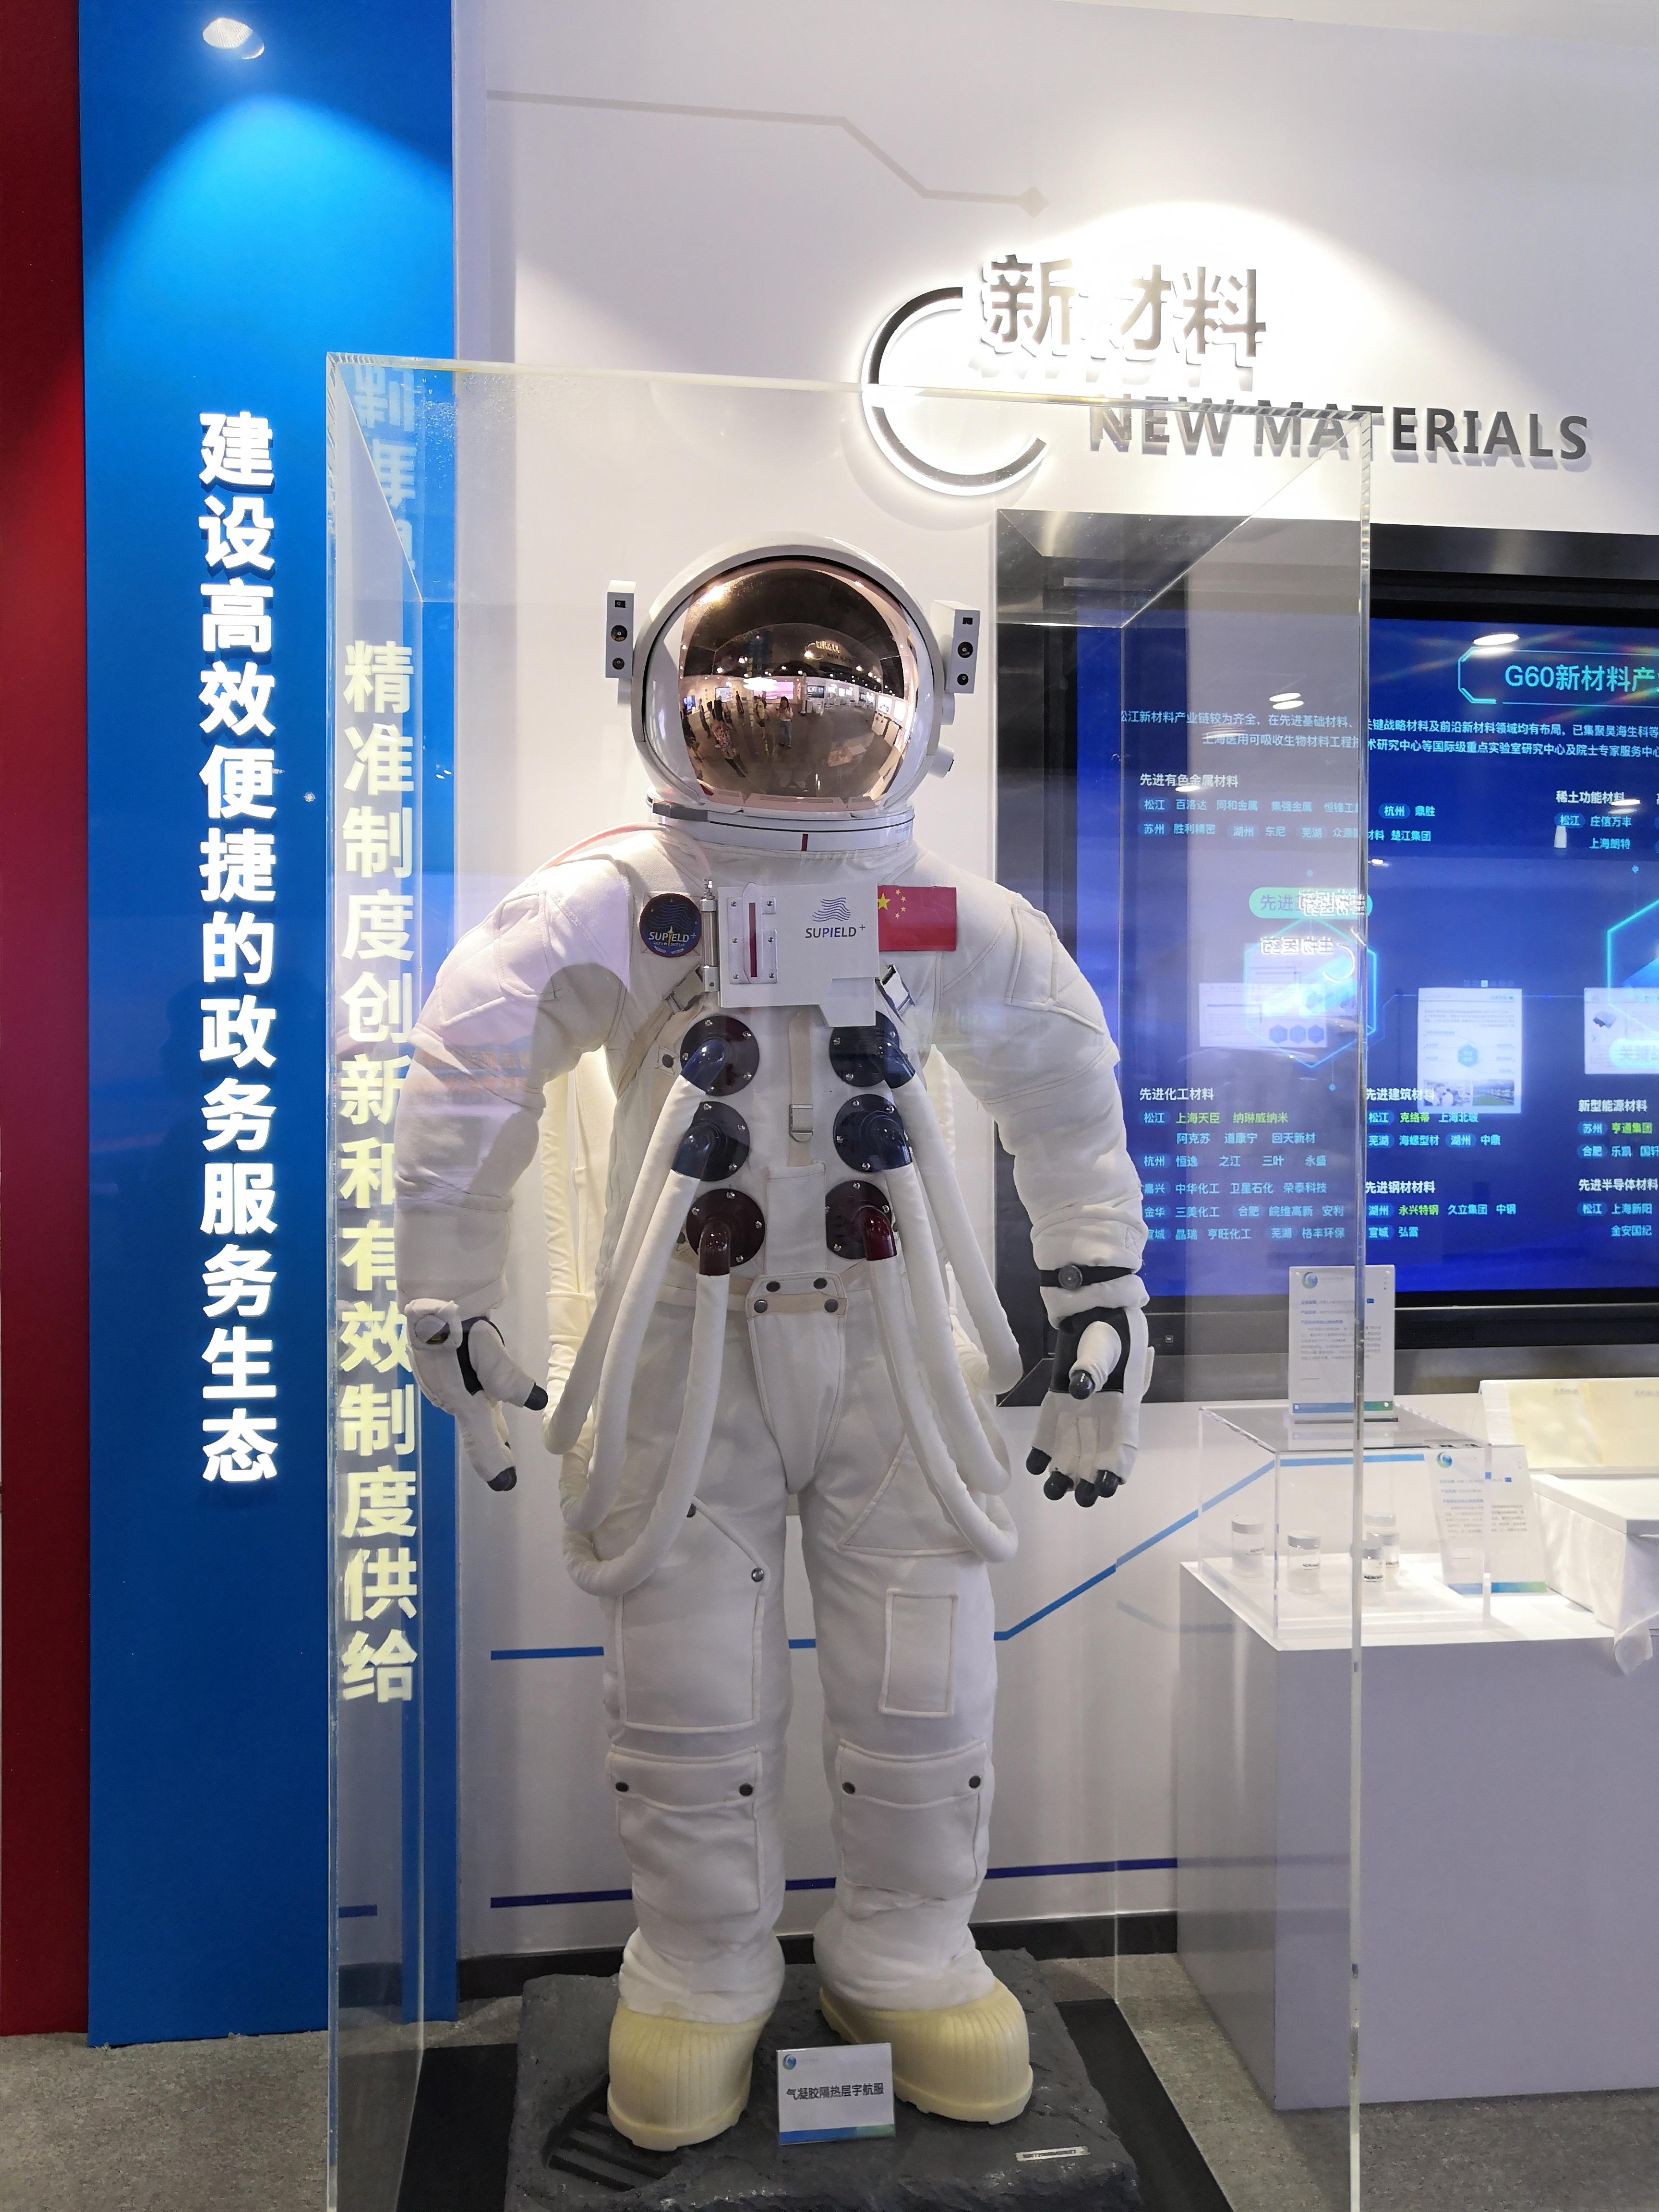 新材料板块展品:气凝胶隔热层宇航服。澎湃新闻见习记者 陈悦 图